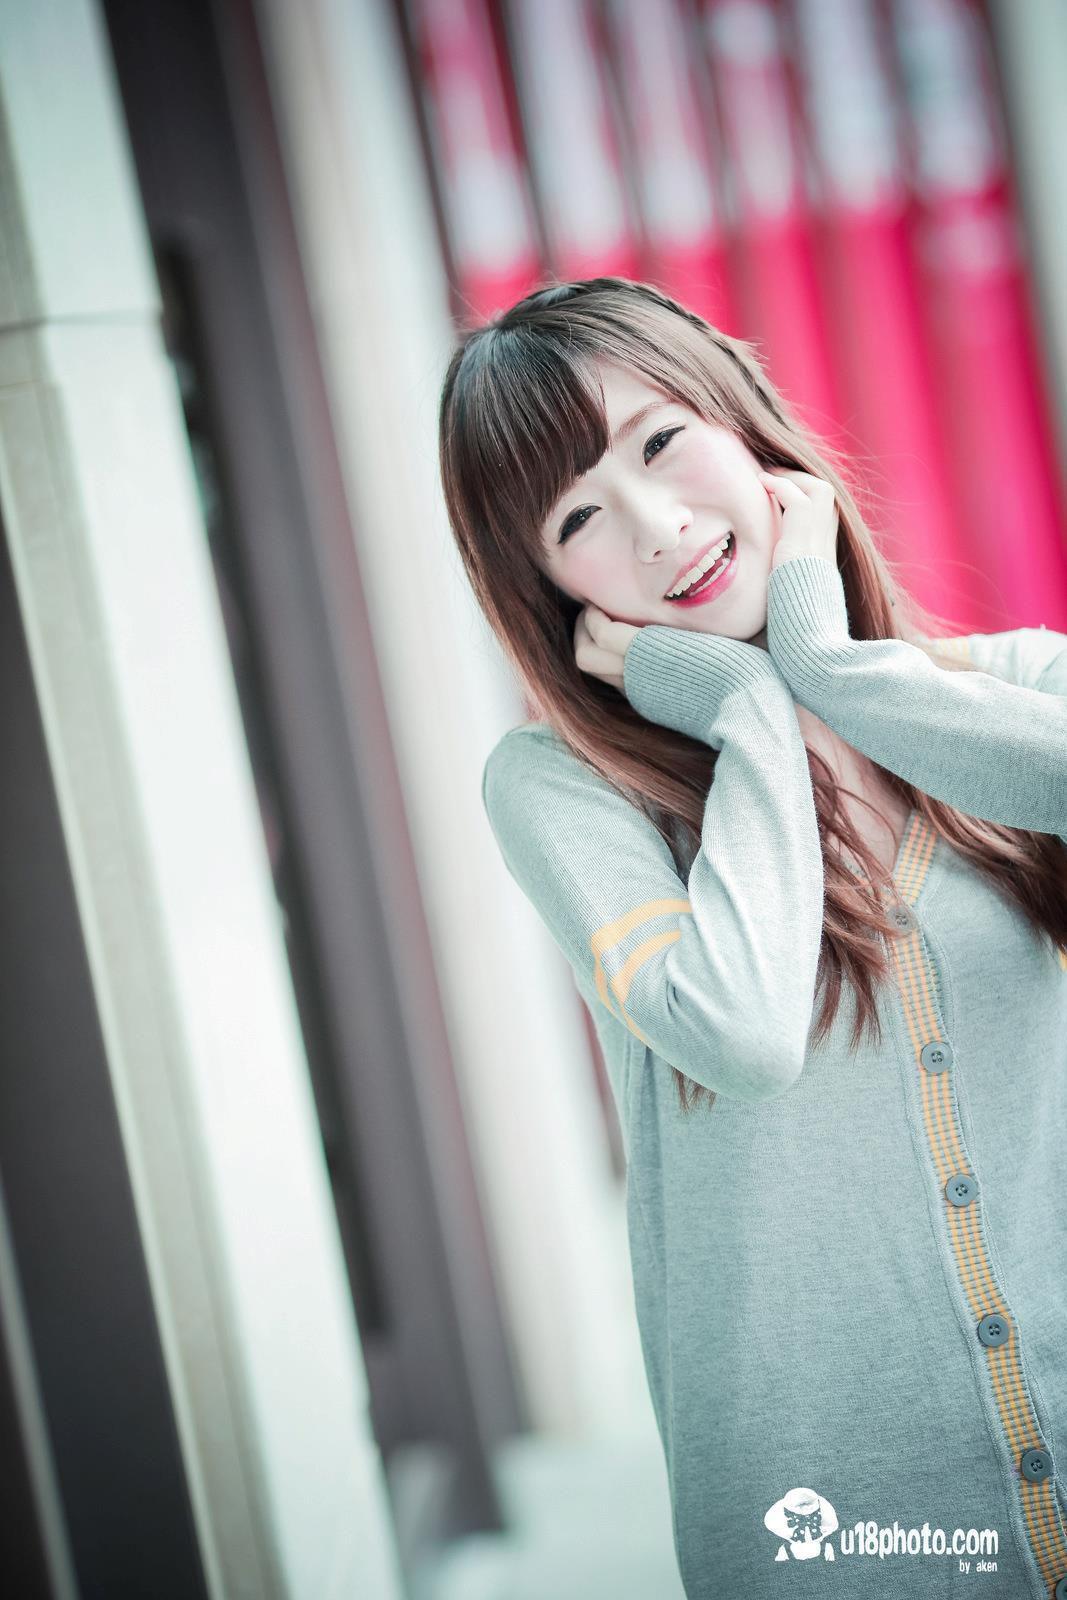 VOL.504 [台湾正妹]可爱清纯甜美萌女长发美女:李思娴高品质写真套图(75P)